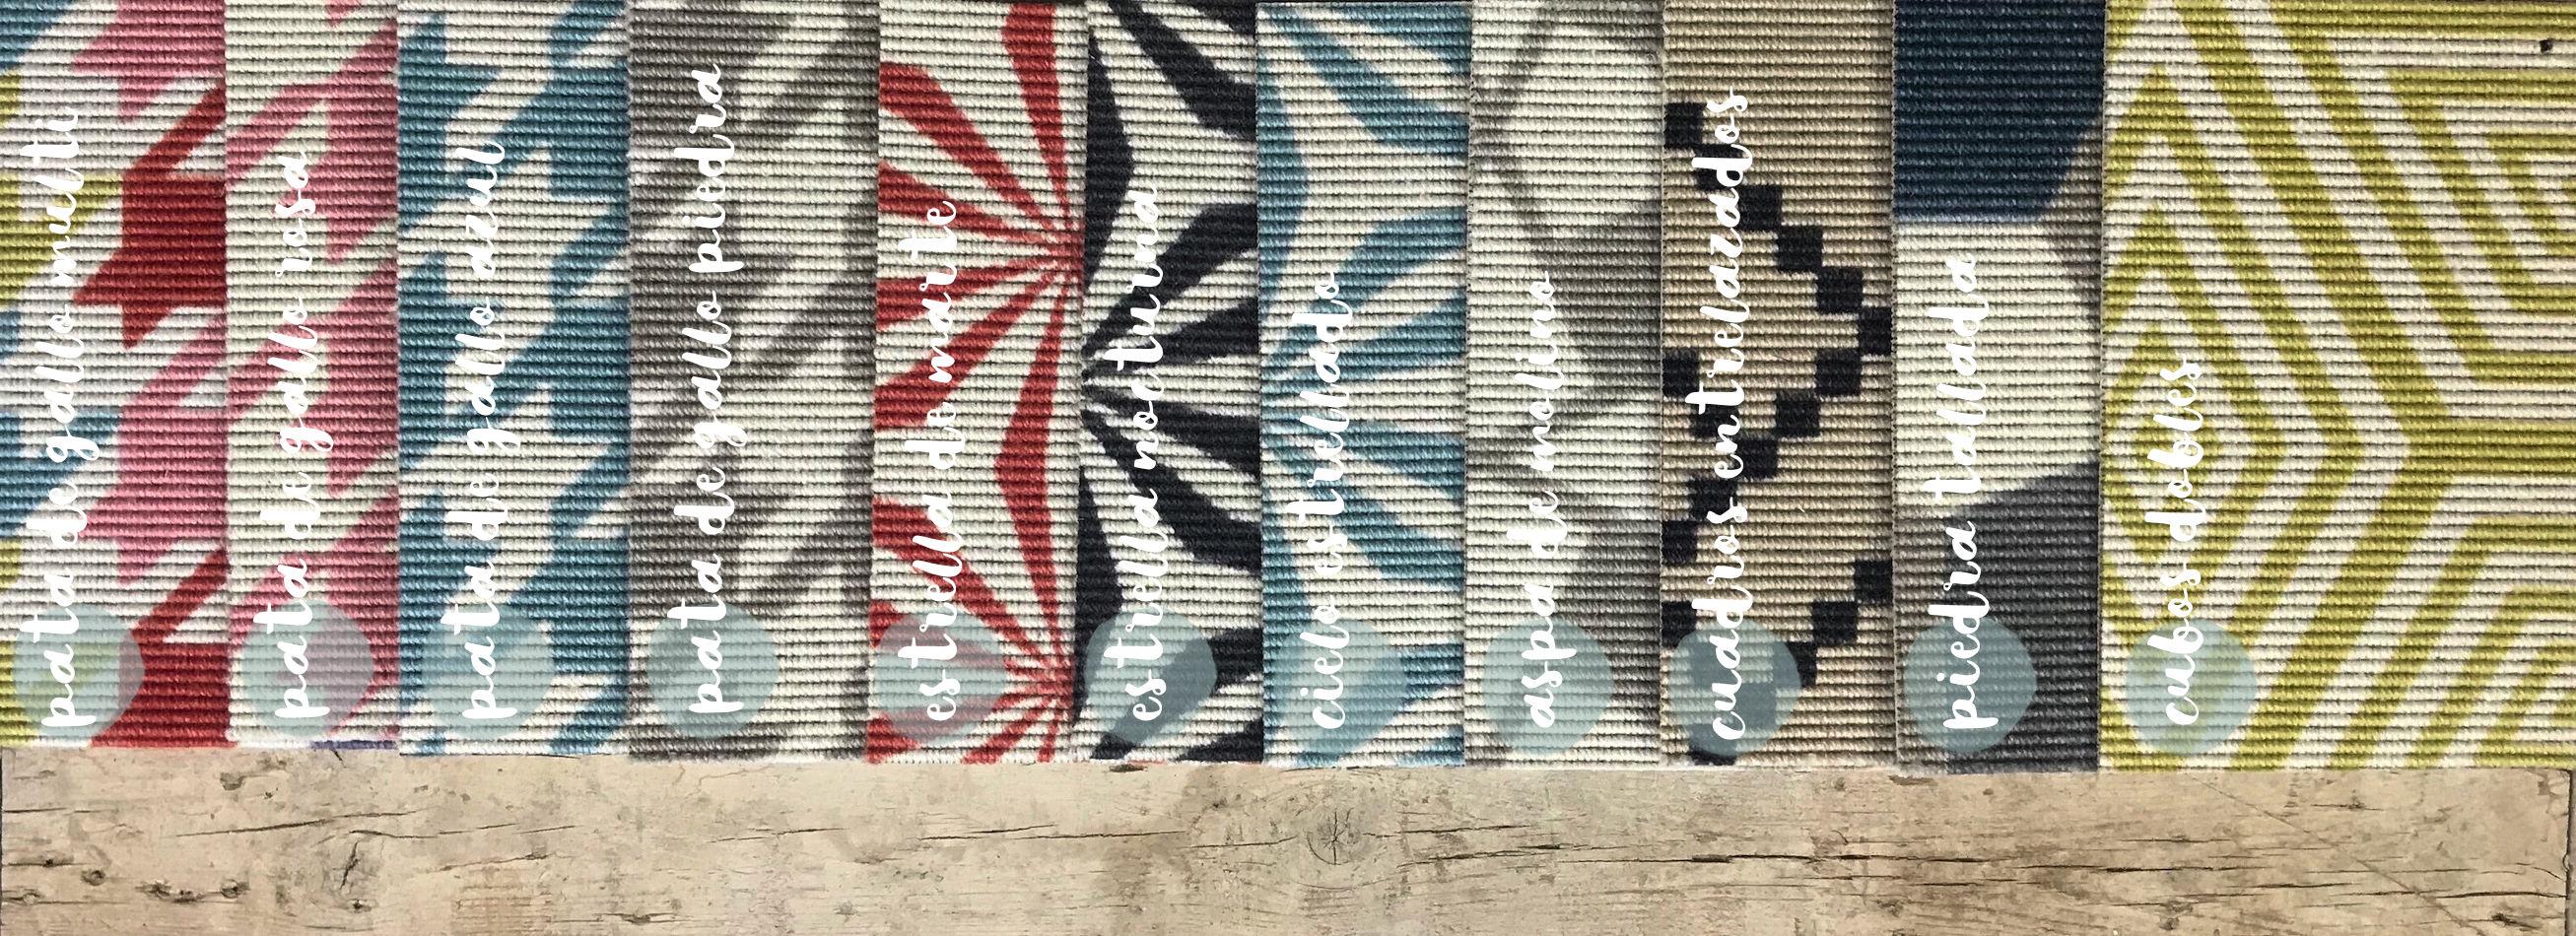 Tienda online alfombras ao las alfombras geom trikas de - Alfombras kp online ...